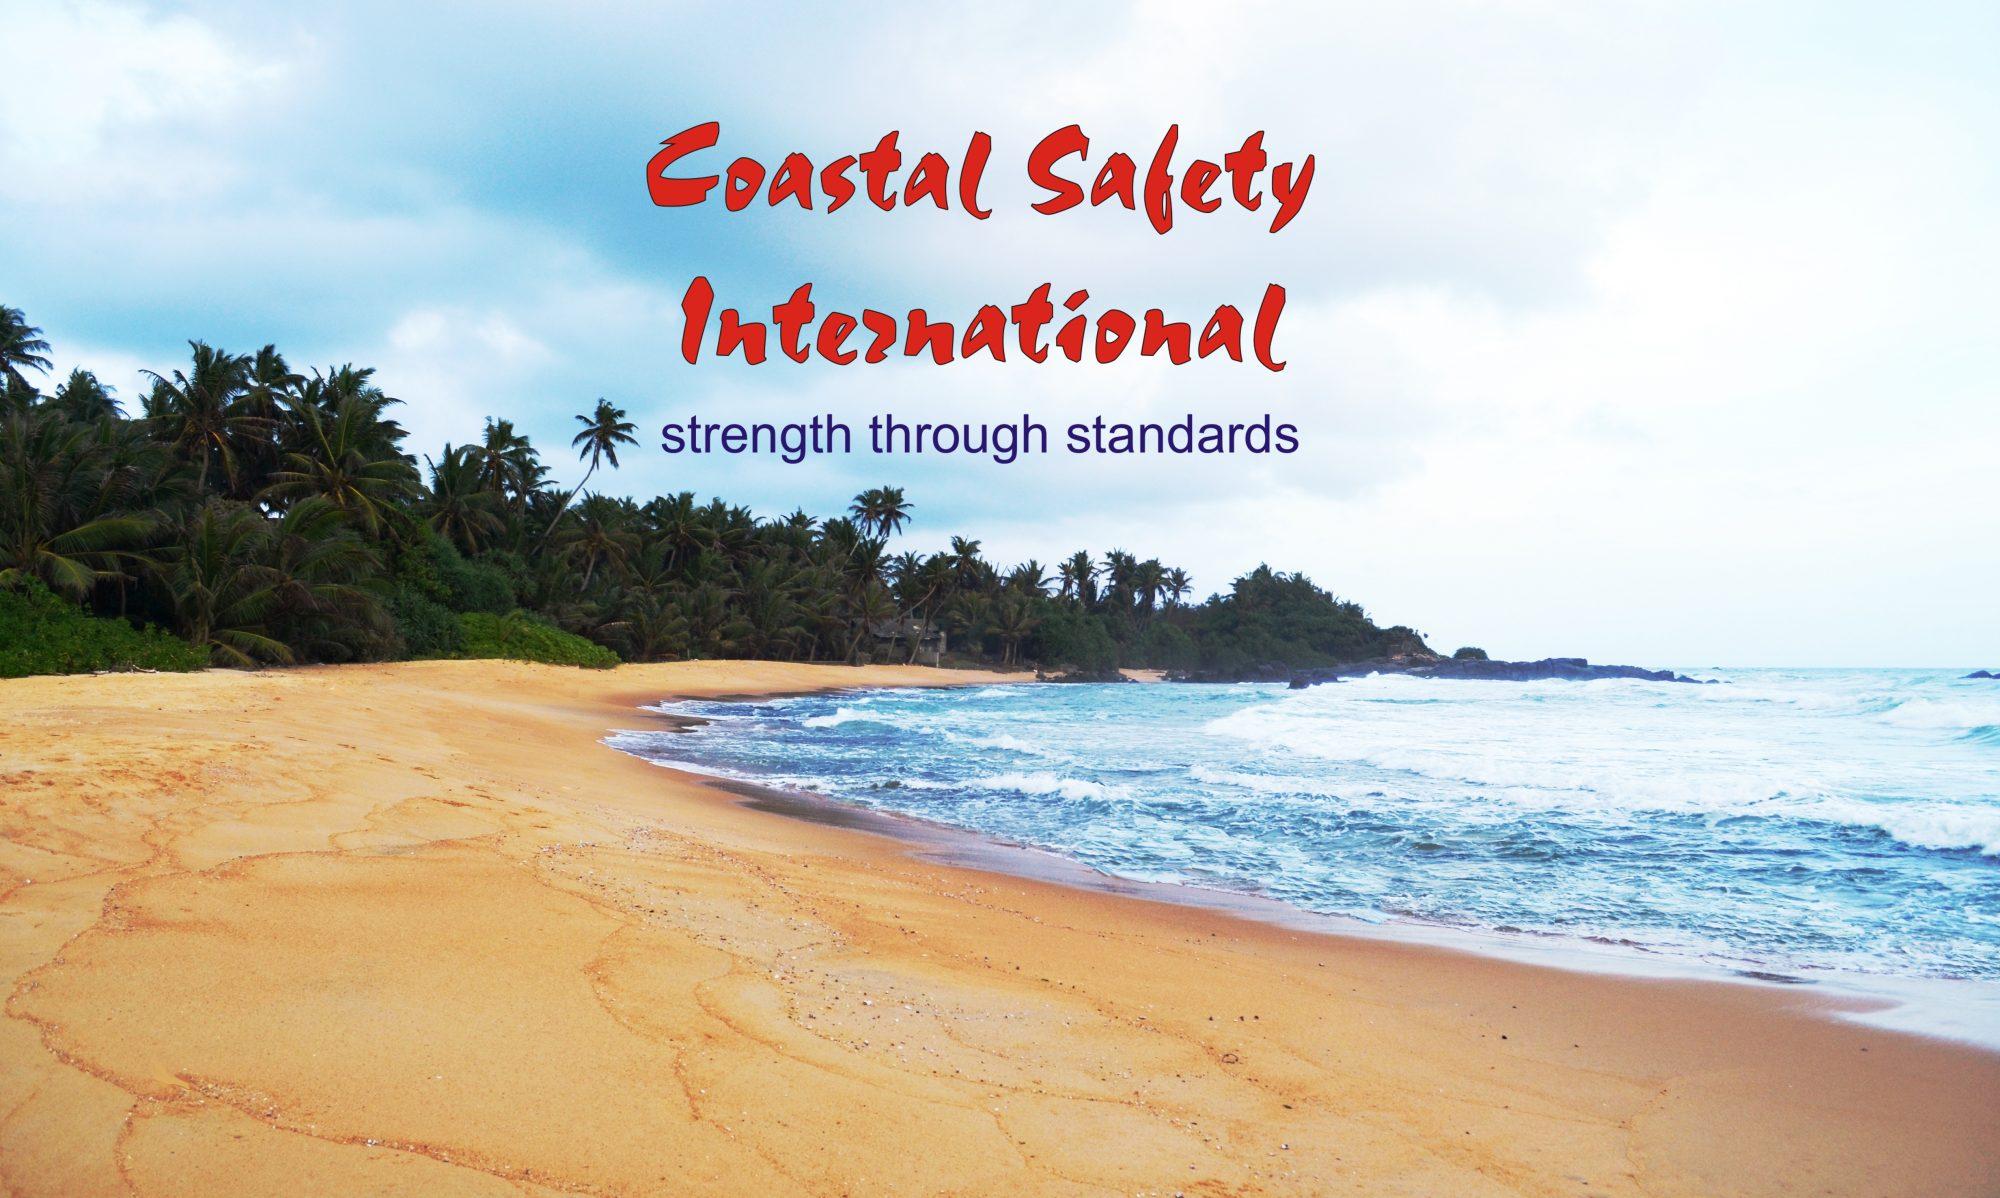 Coastal Safety - Boat Captain Sea School